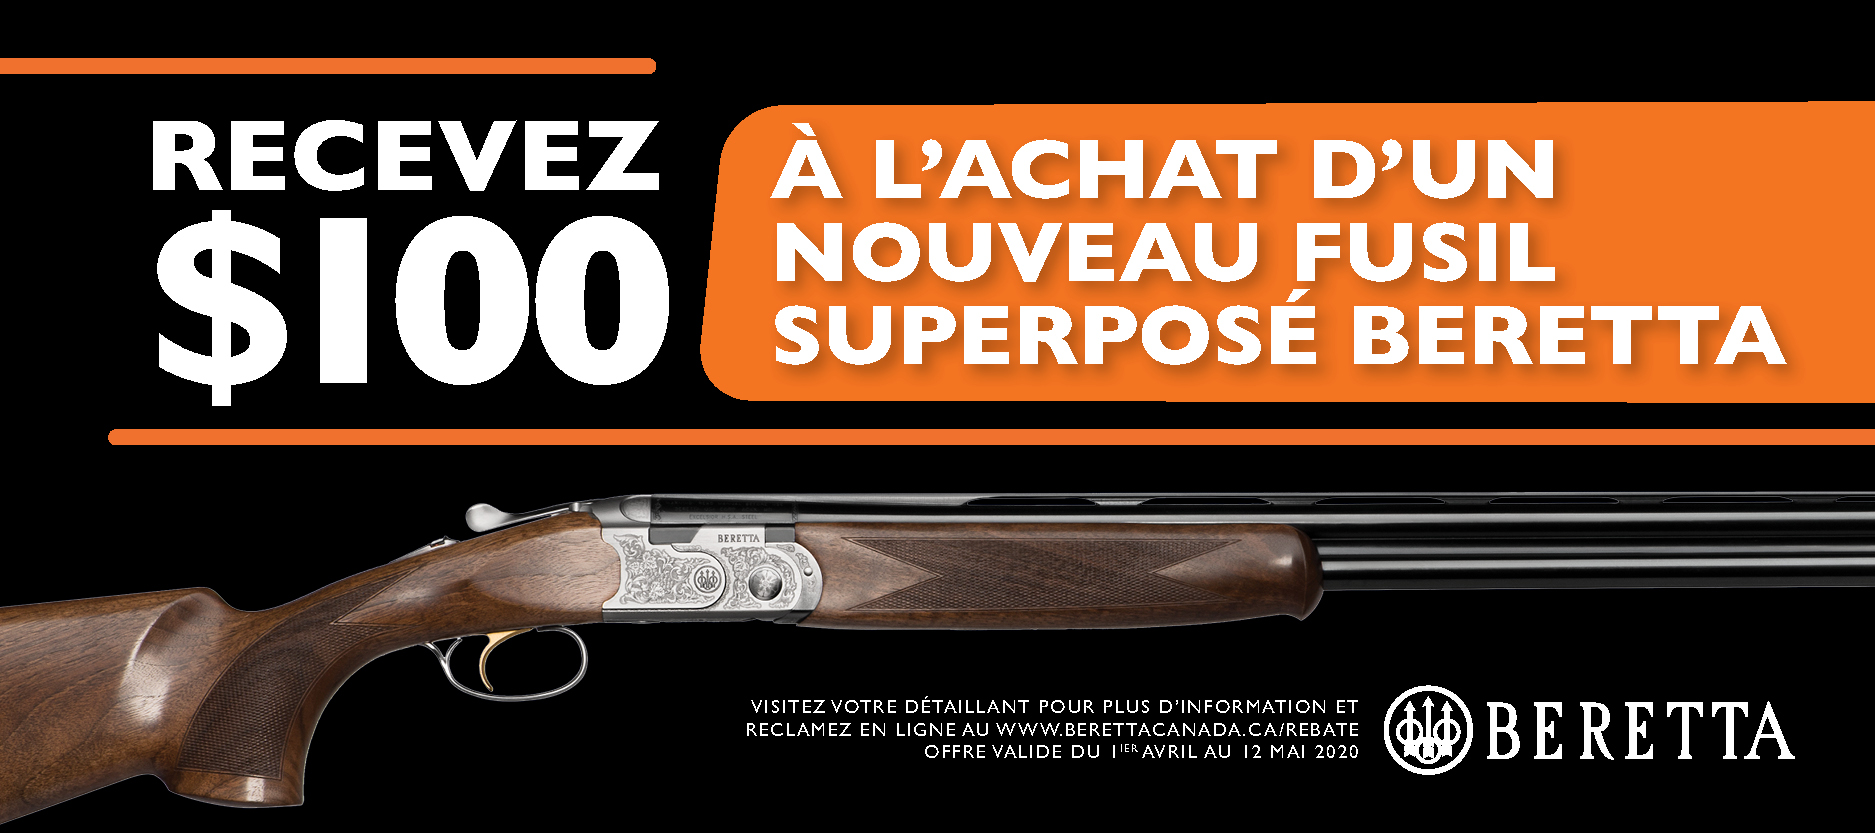 Beretta 100 Off OU Promotion 2020 Banner 400x900 FR